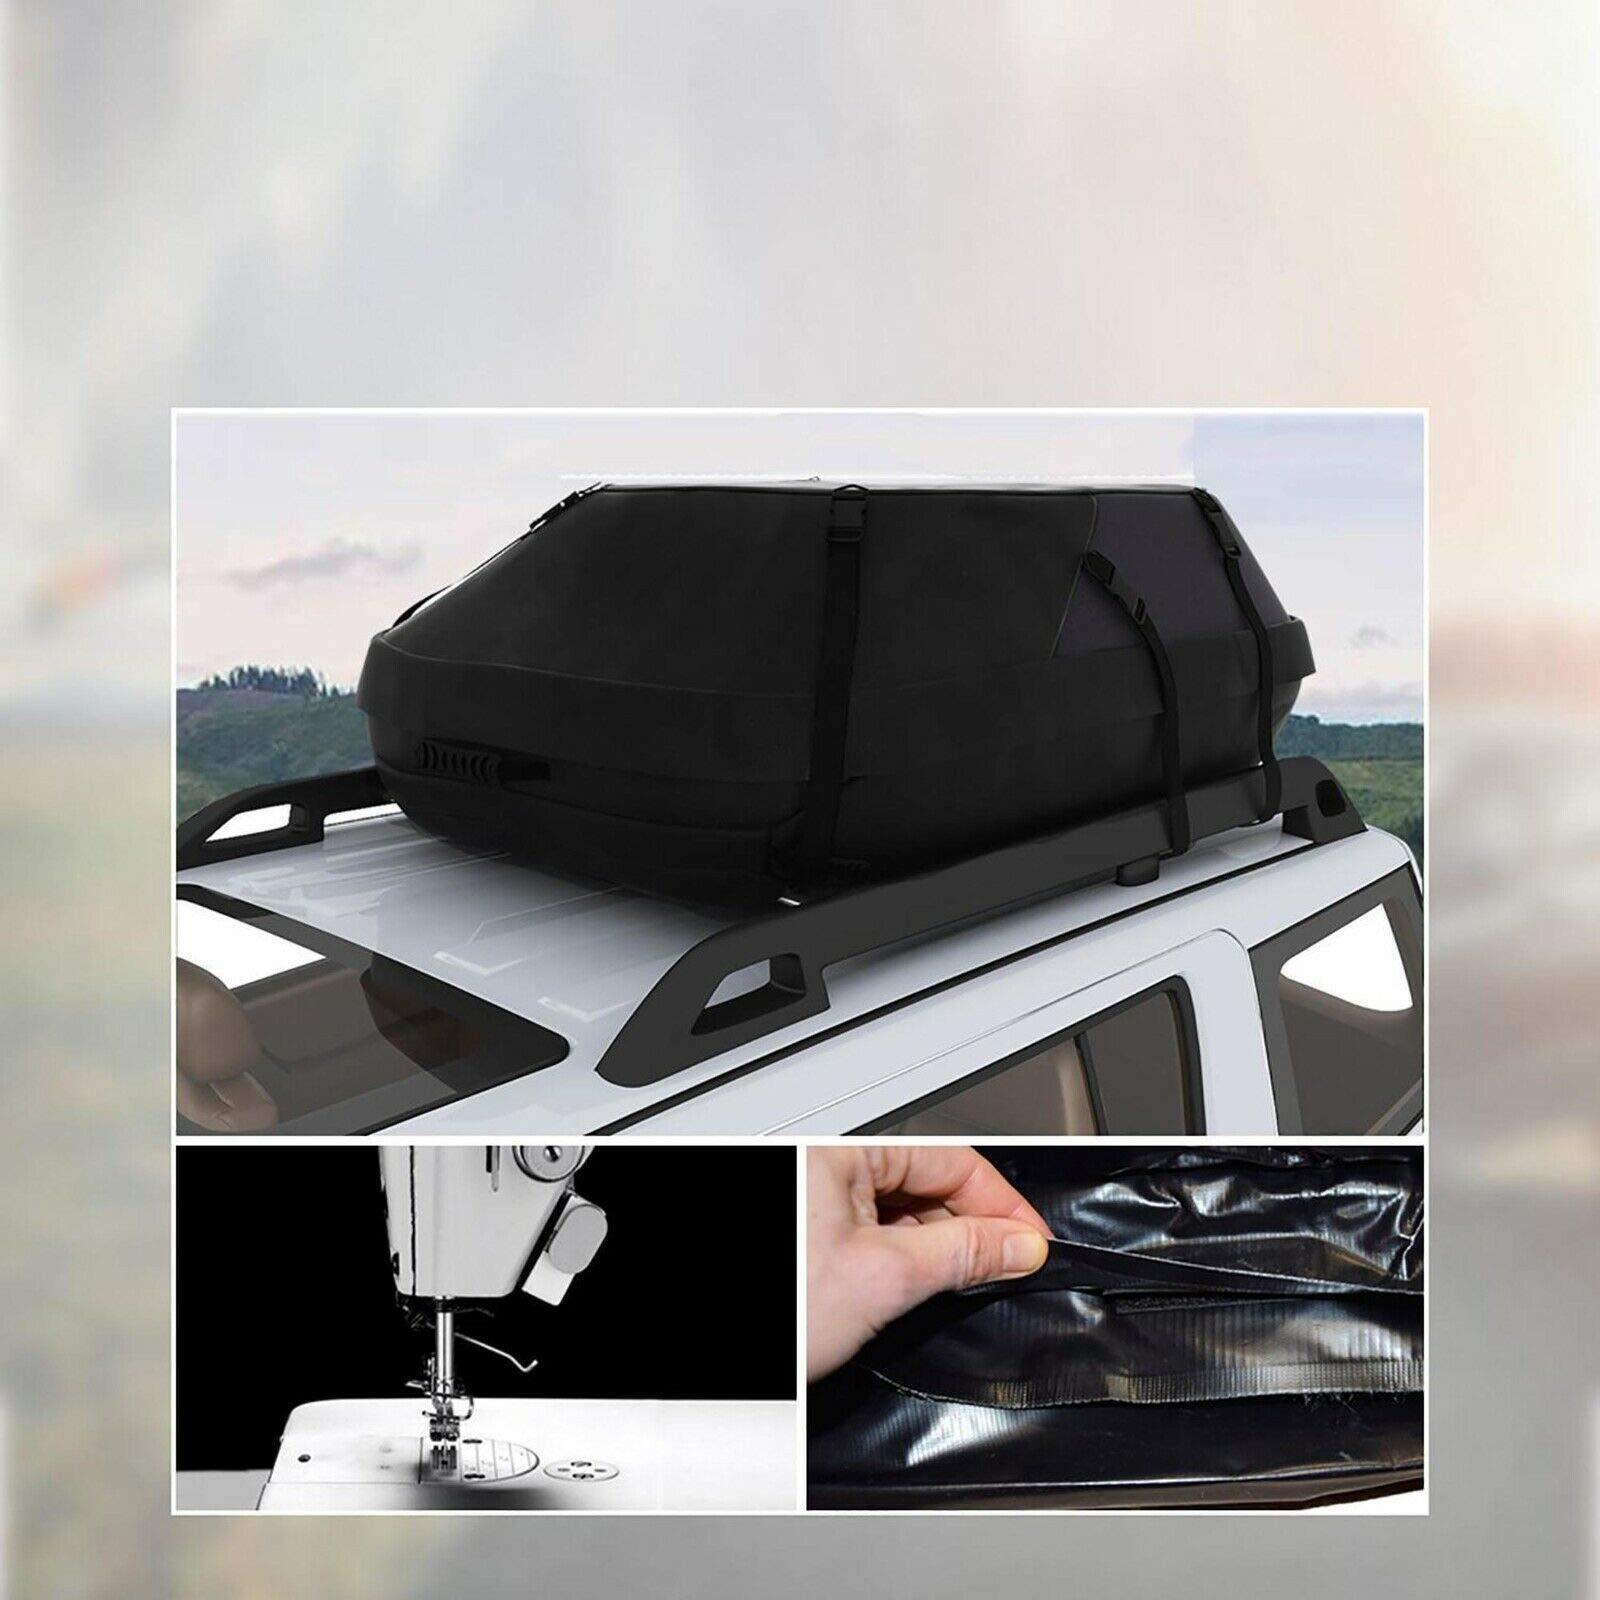 . gage Carrier Luggage Travel el Storage Bag. Luggage Ca Car Waterproof Rooftop Car W Storage Bag. ftop Cargo Cargo Carrier aterpr Luggage Carrier